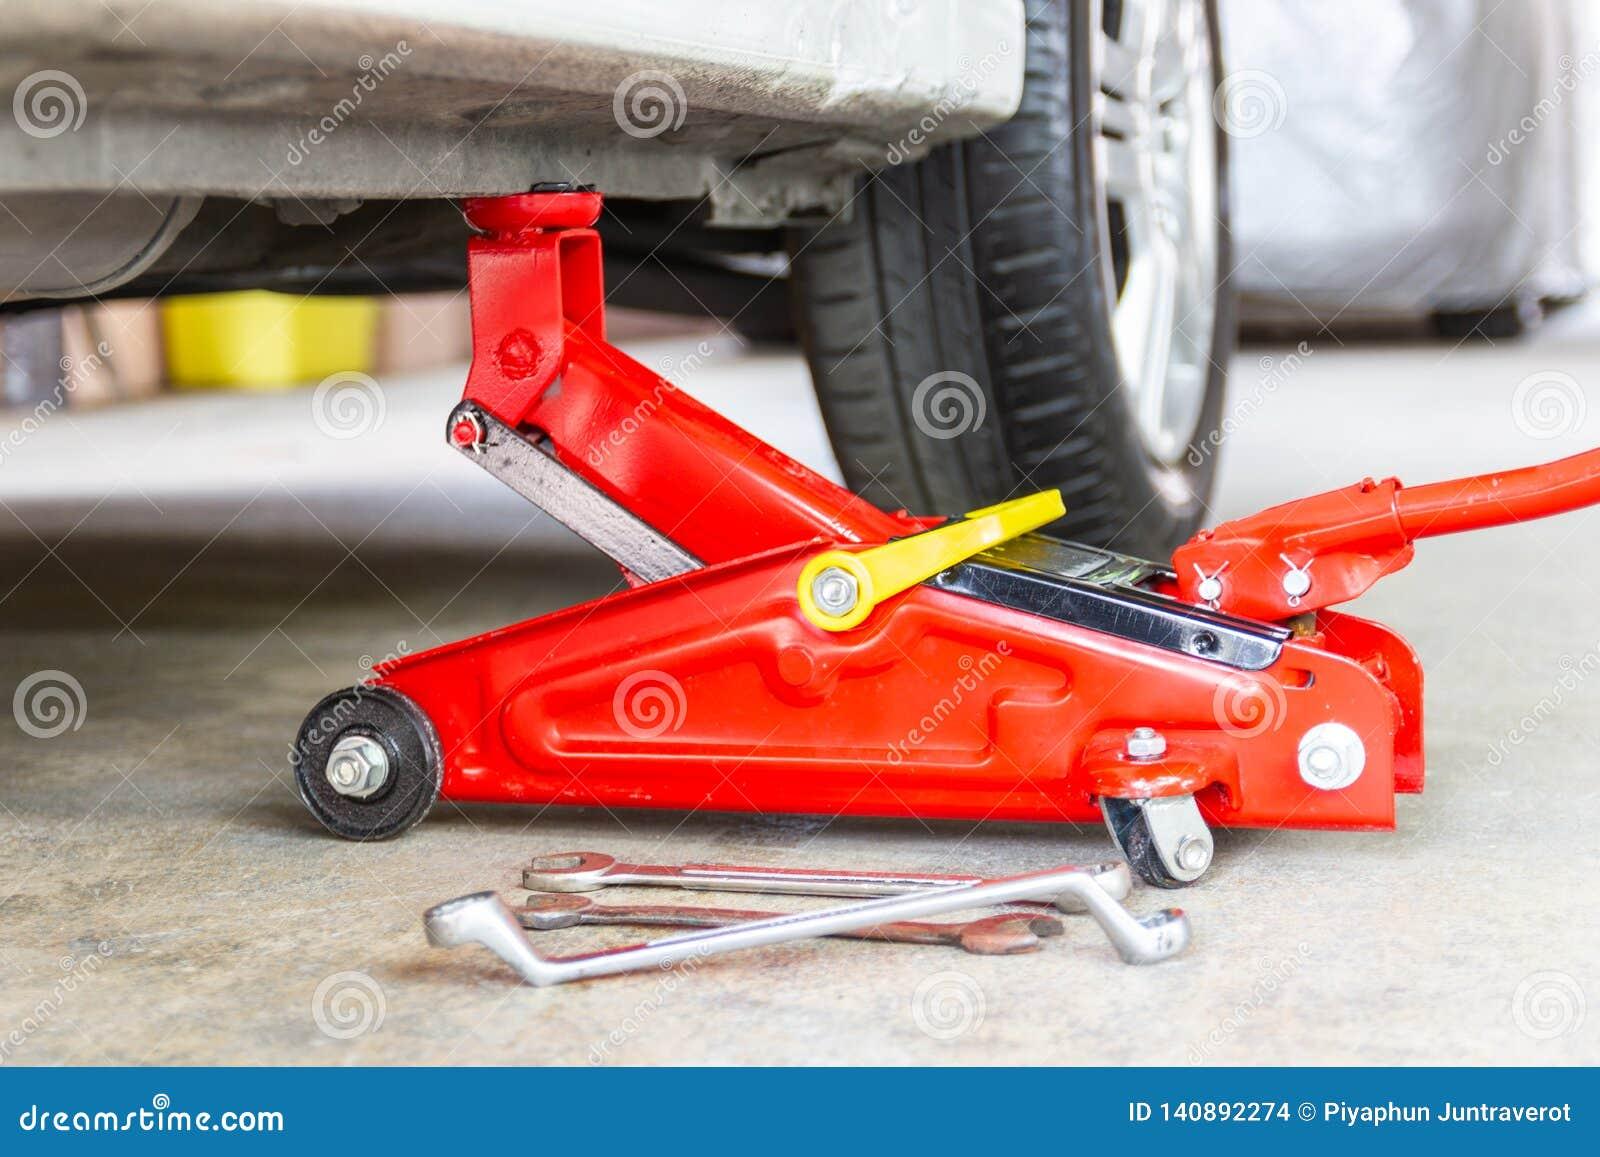 Красный инструмент поднимает автомобиль домкратом подъема для обслуживания проверки ремонта